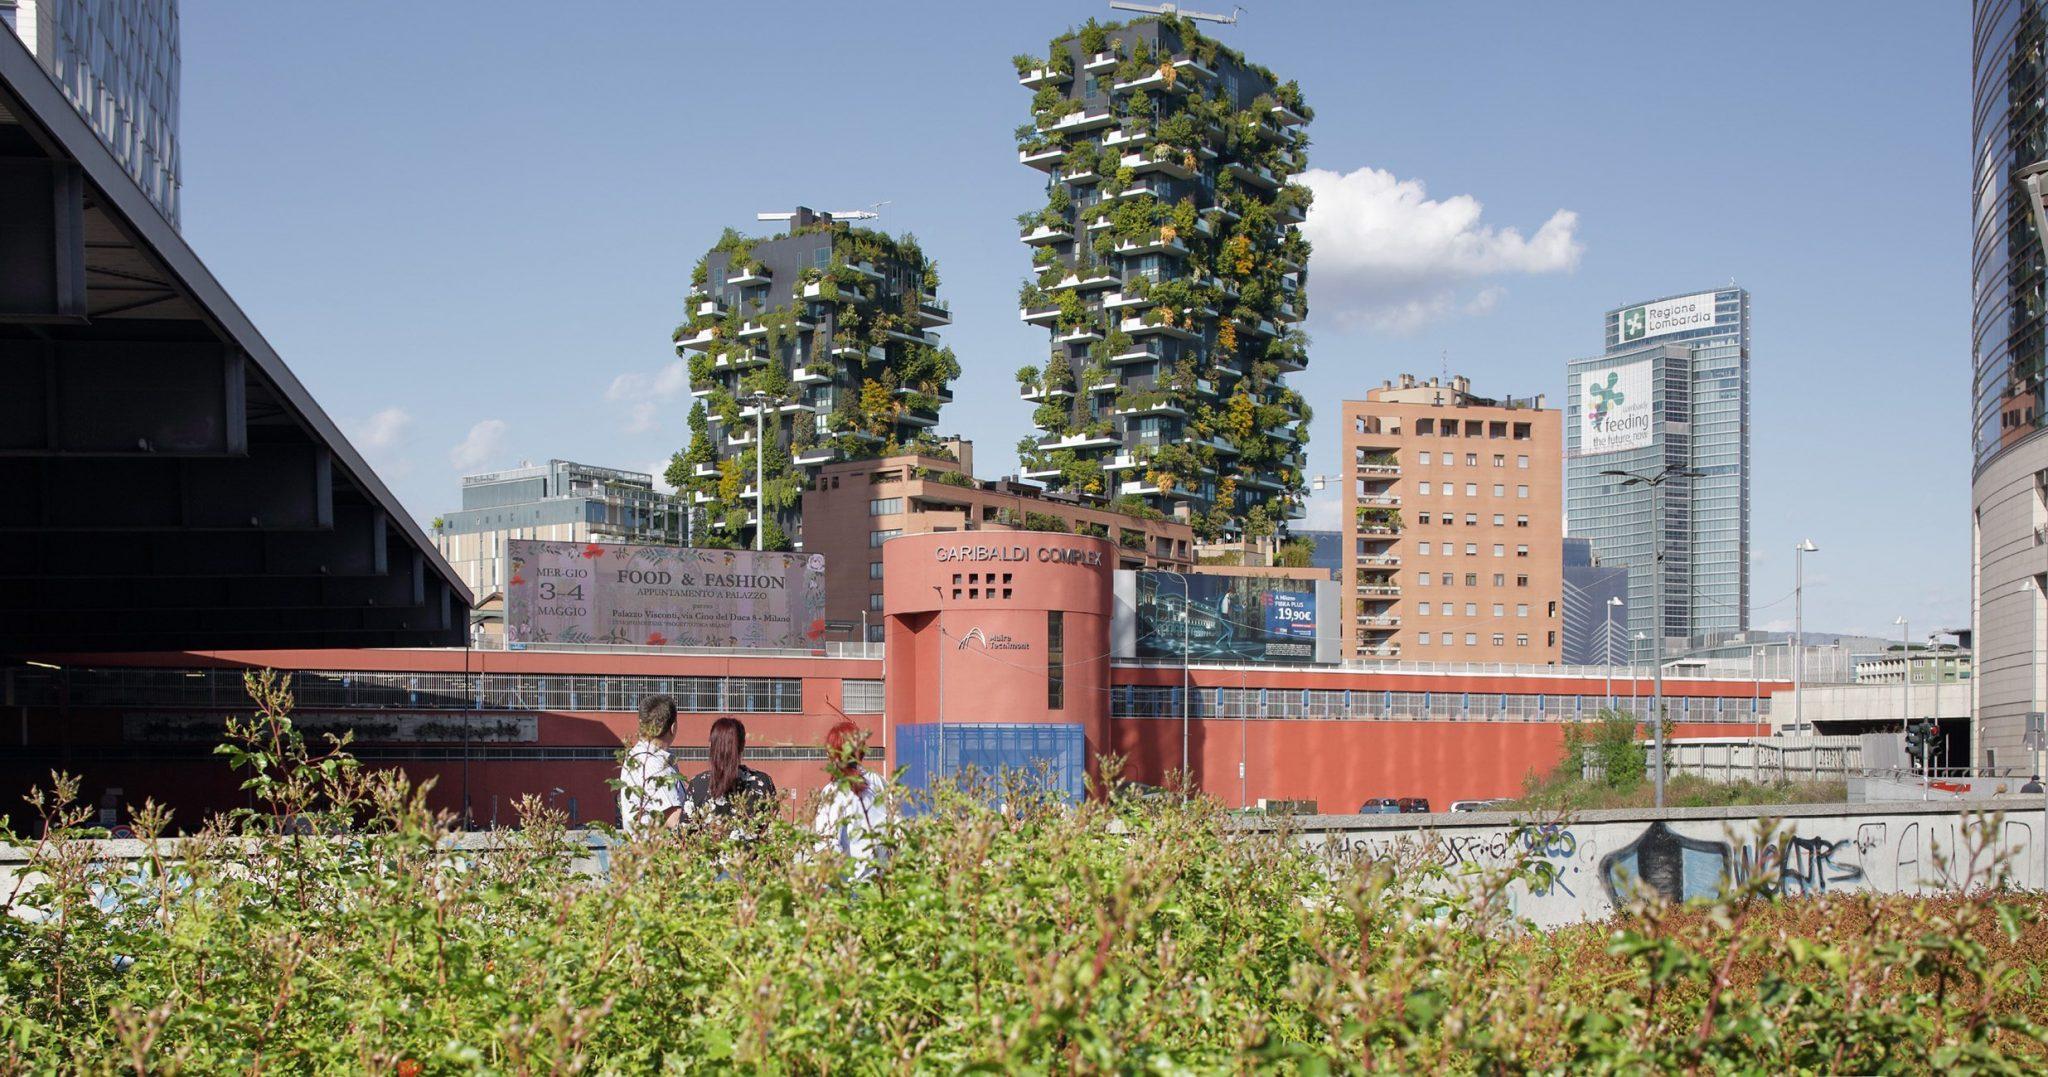 Bosco verticale stefano boeri architetti